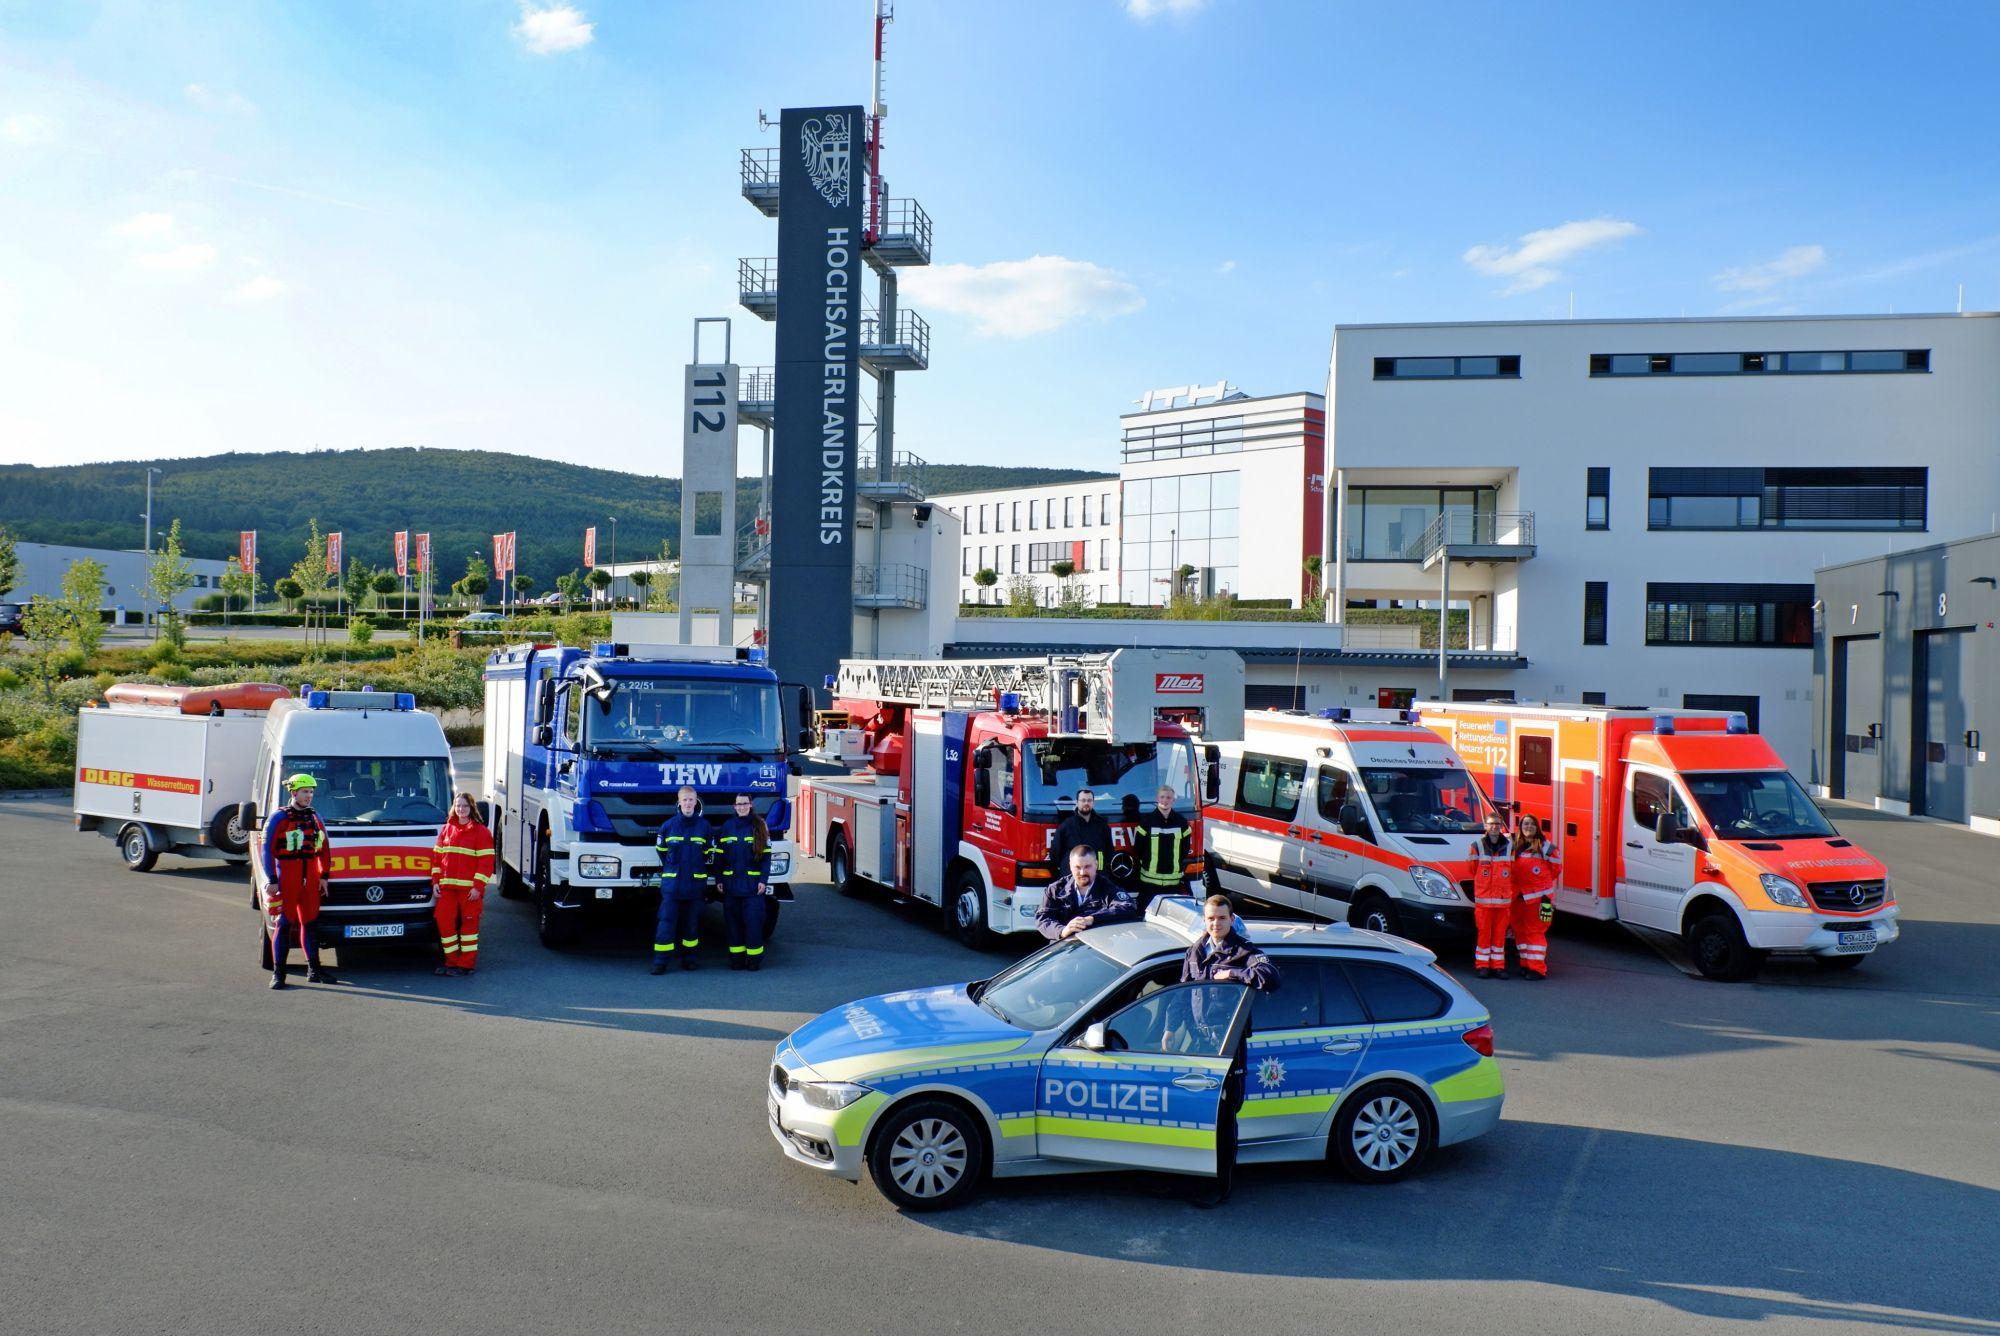 Rettungskräfte vor dem Übungsturm des  Zentrum für Feuerschutz und Rettungswesen in Enste. Auch hier ist die 112 sichtbar angebracht.